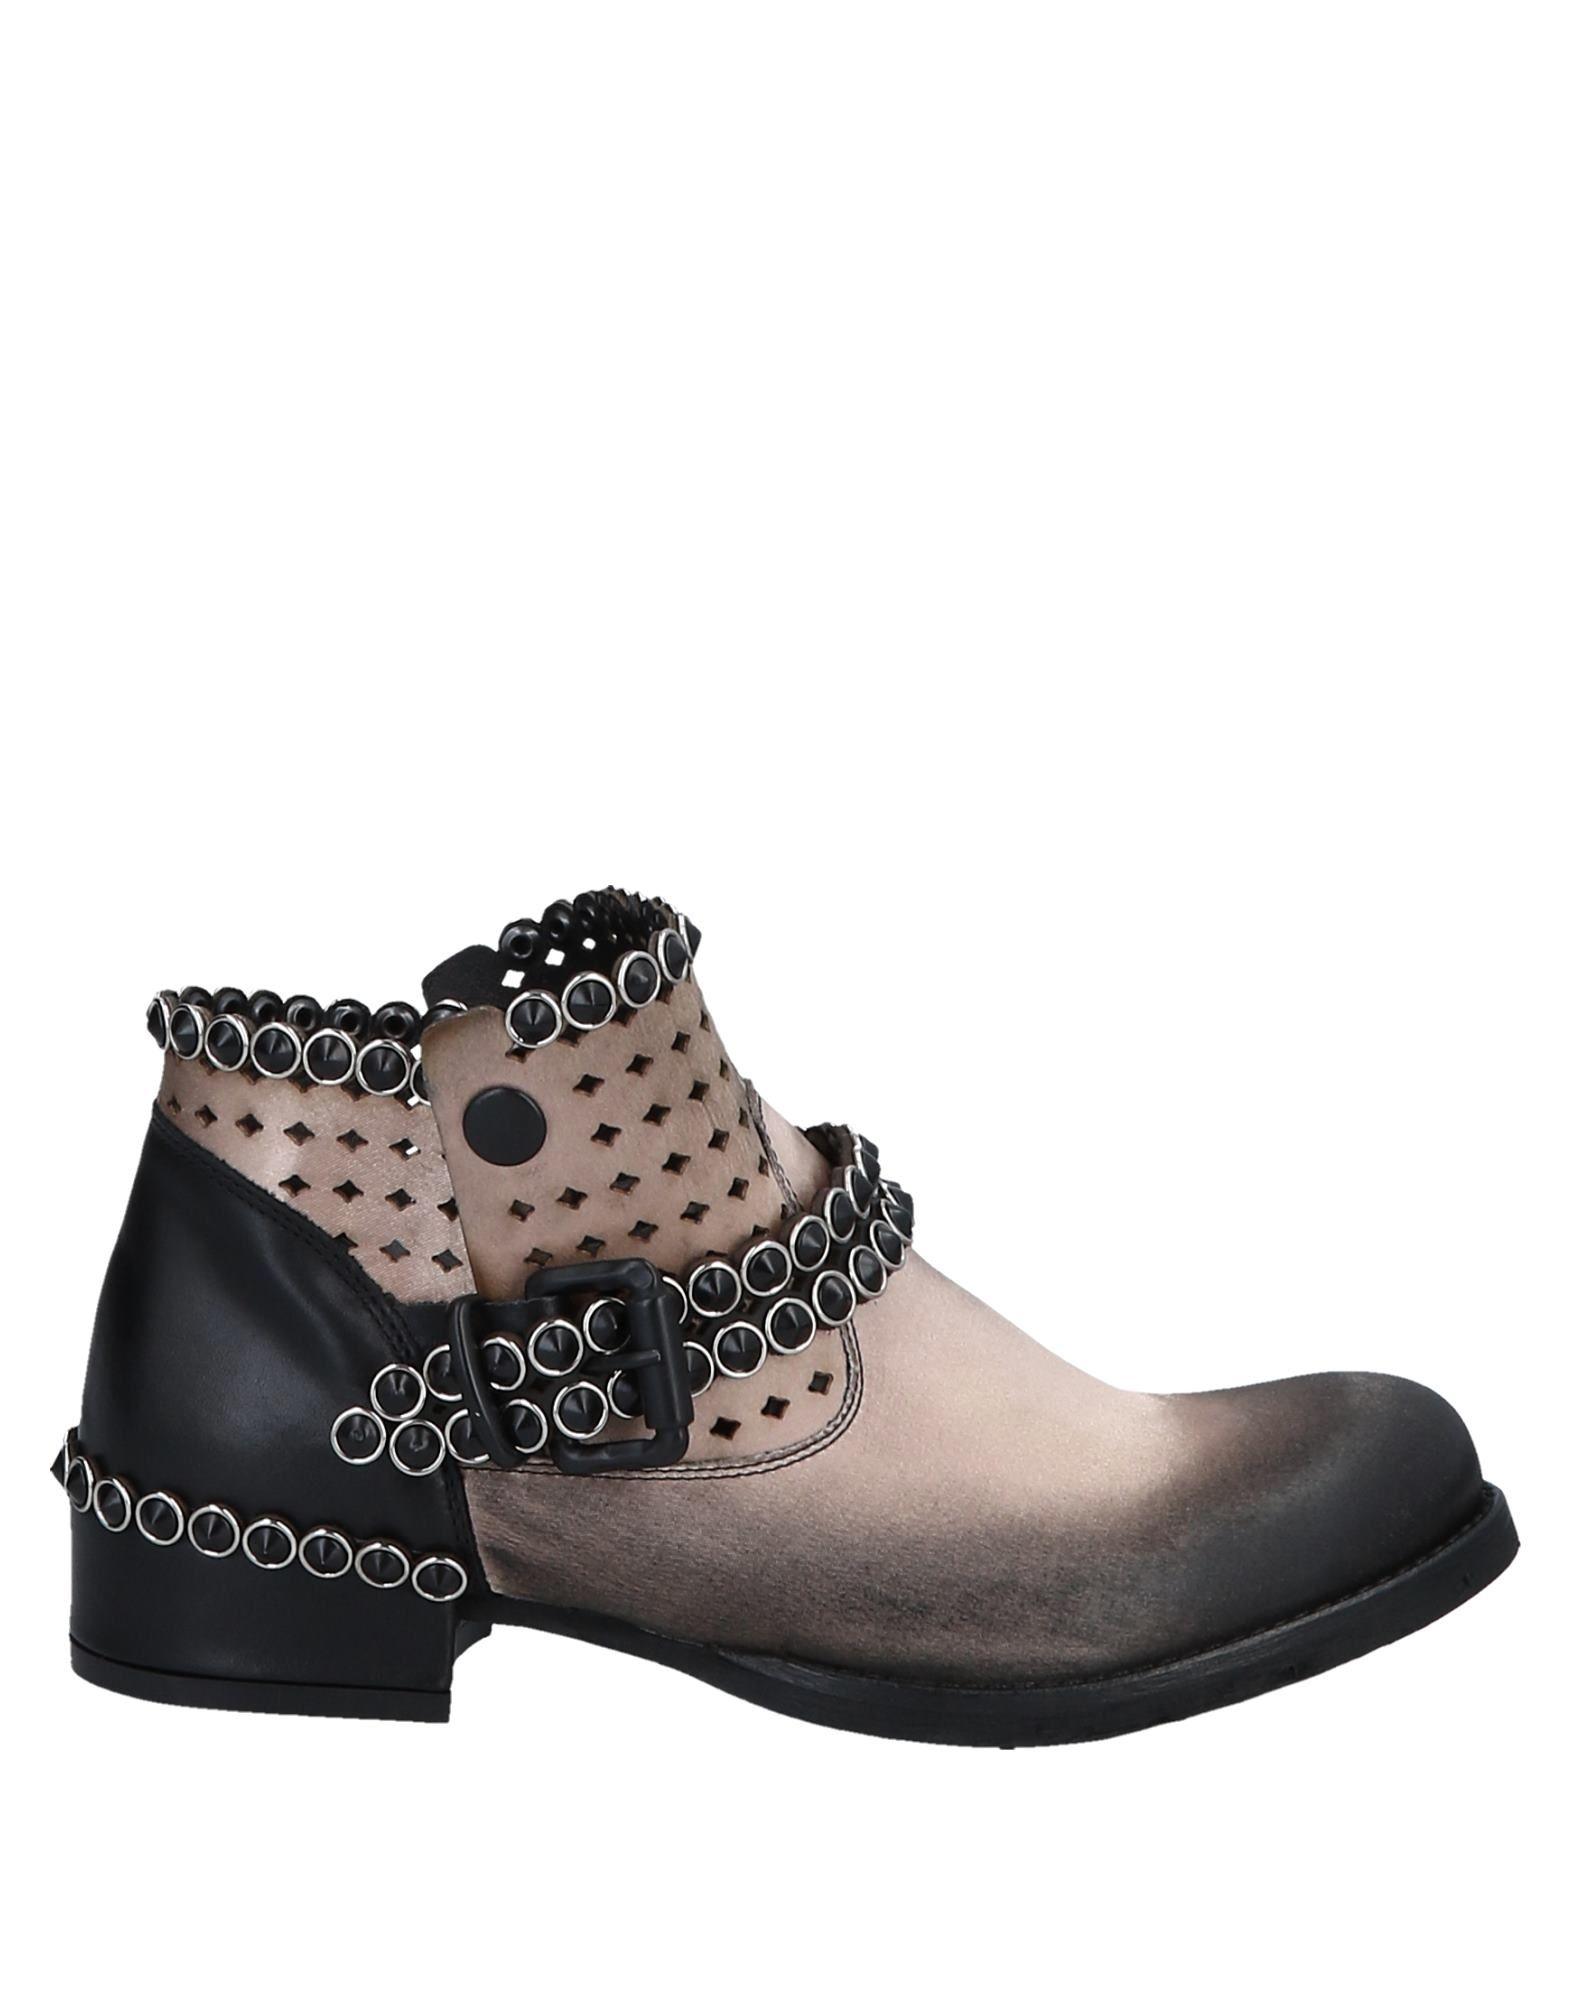 Bottine Metisse Femme - Bottines Metisse Plomb Les chaussures les plus populaires pour les hommes et les femmes